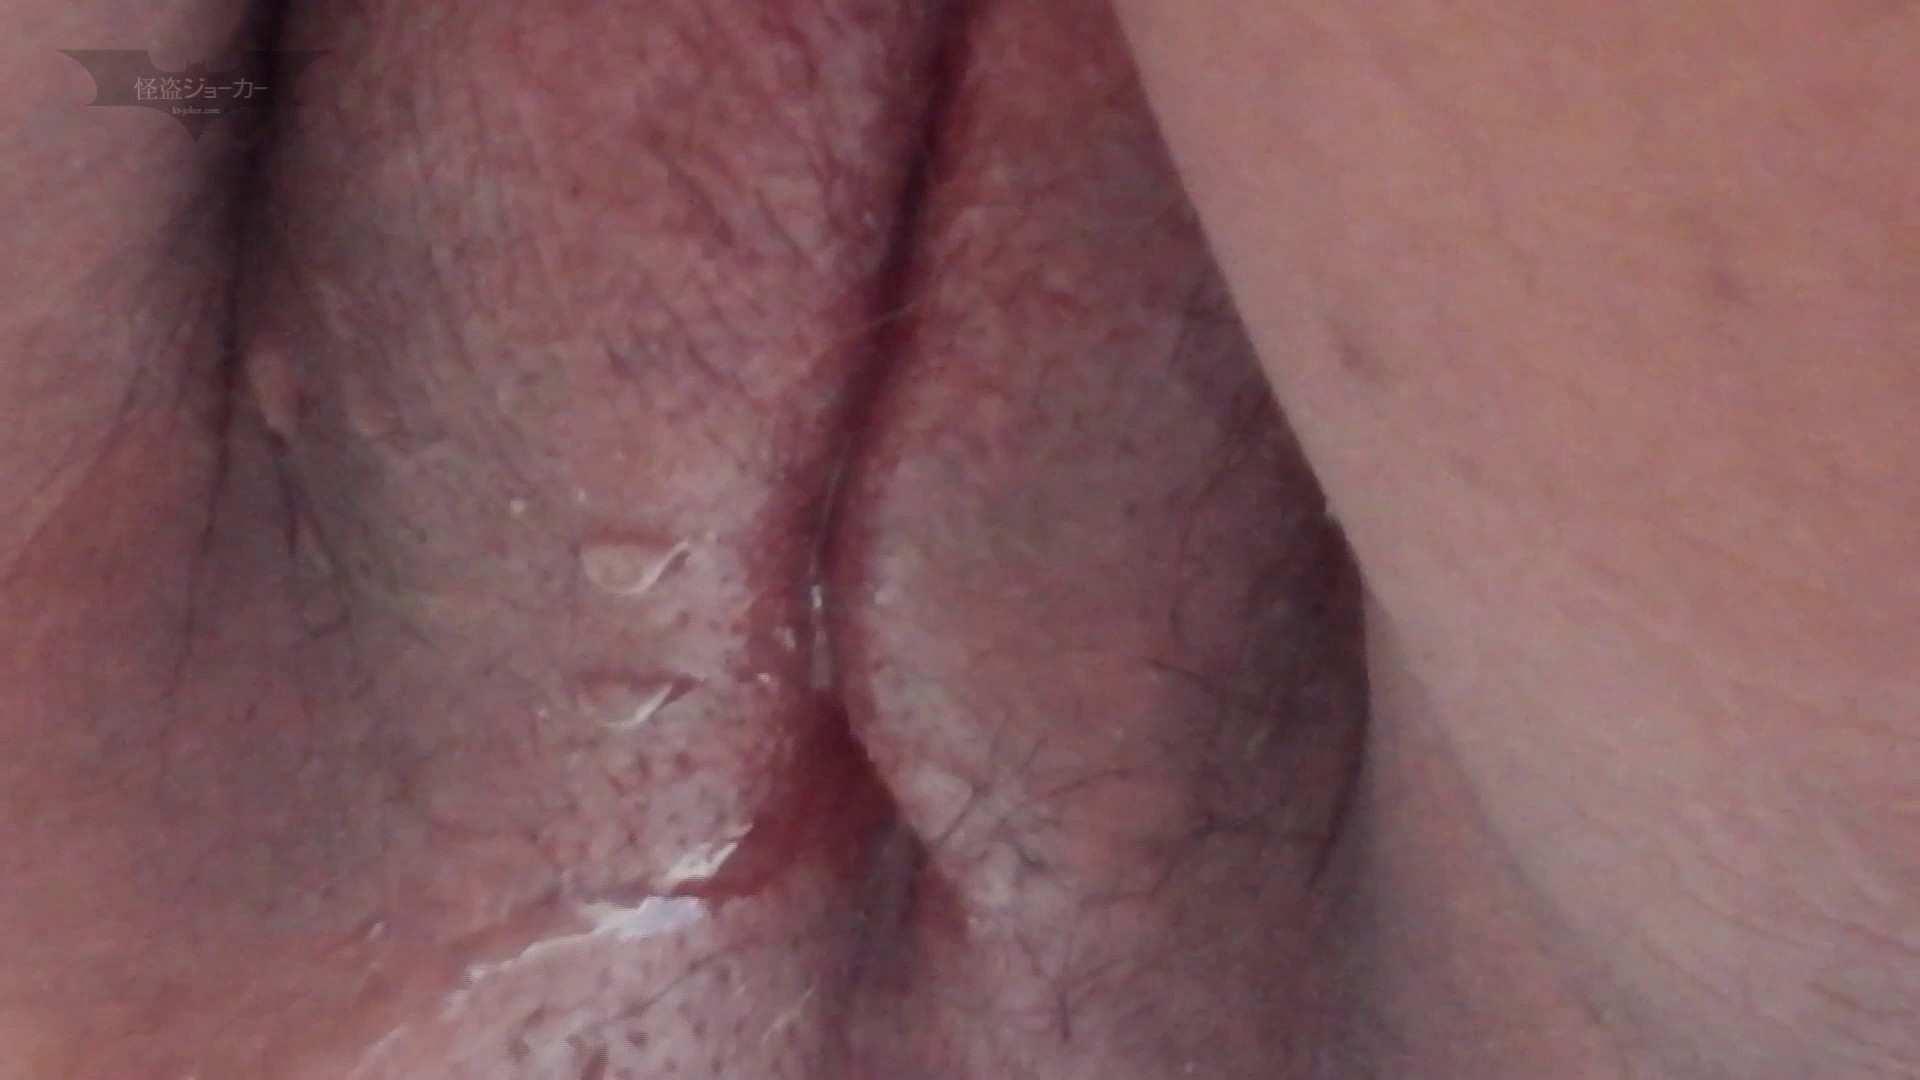 下からノゾム vol.030 びしょびしょの連続、お尻半分濡れるほど、 洗面所 アダルト動画キャプチャ 100画像 53